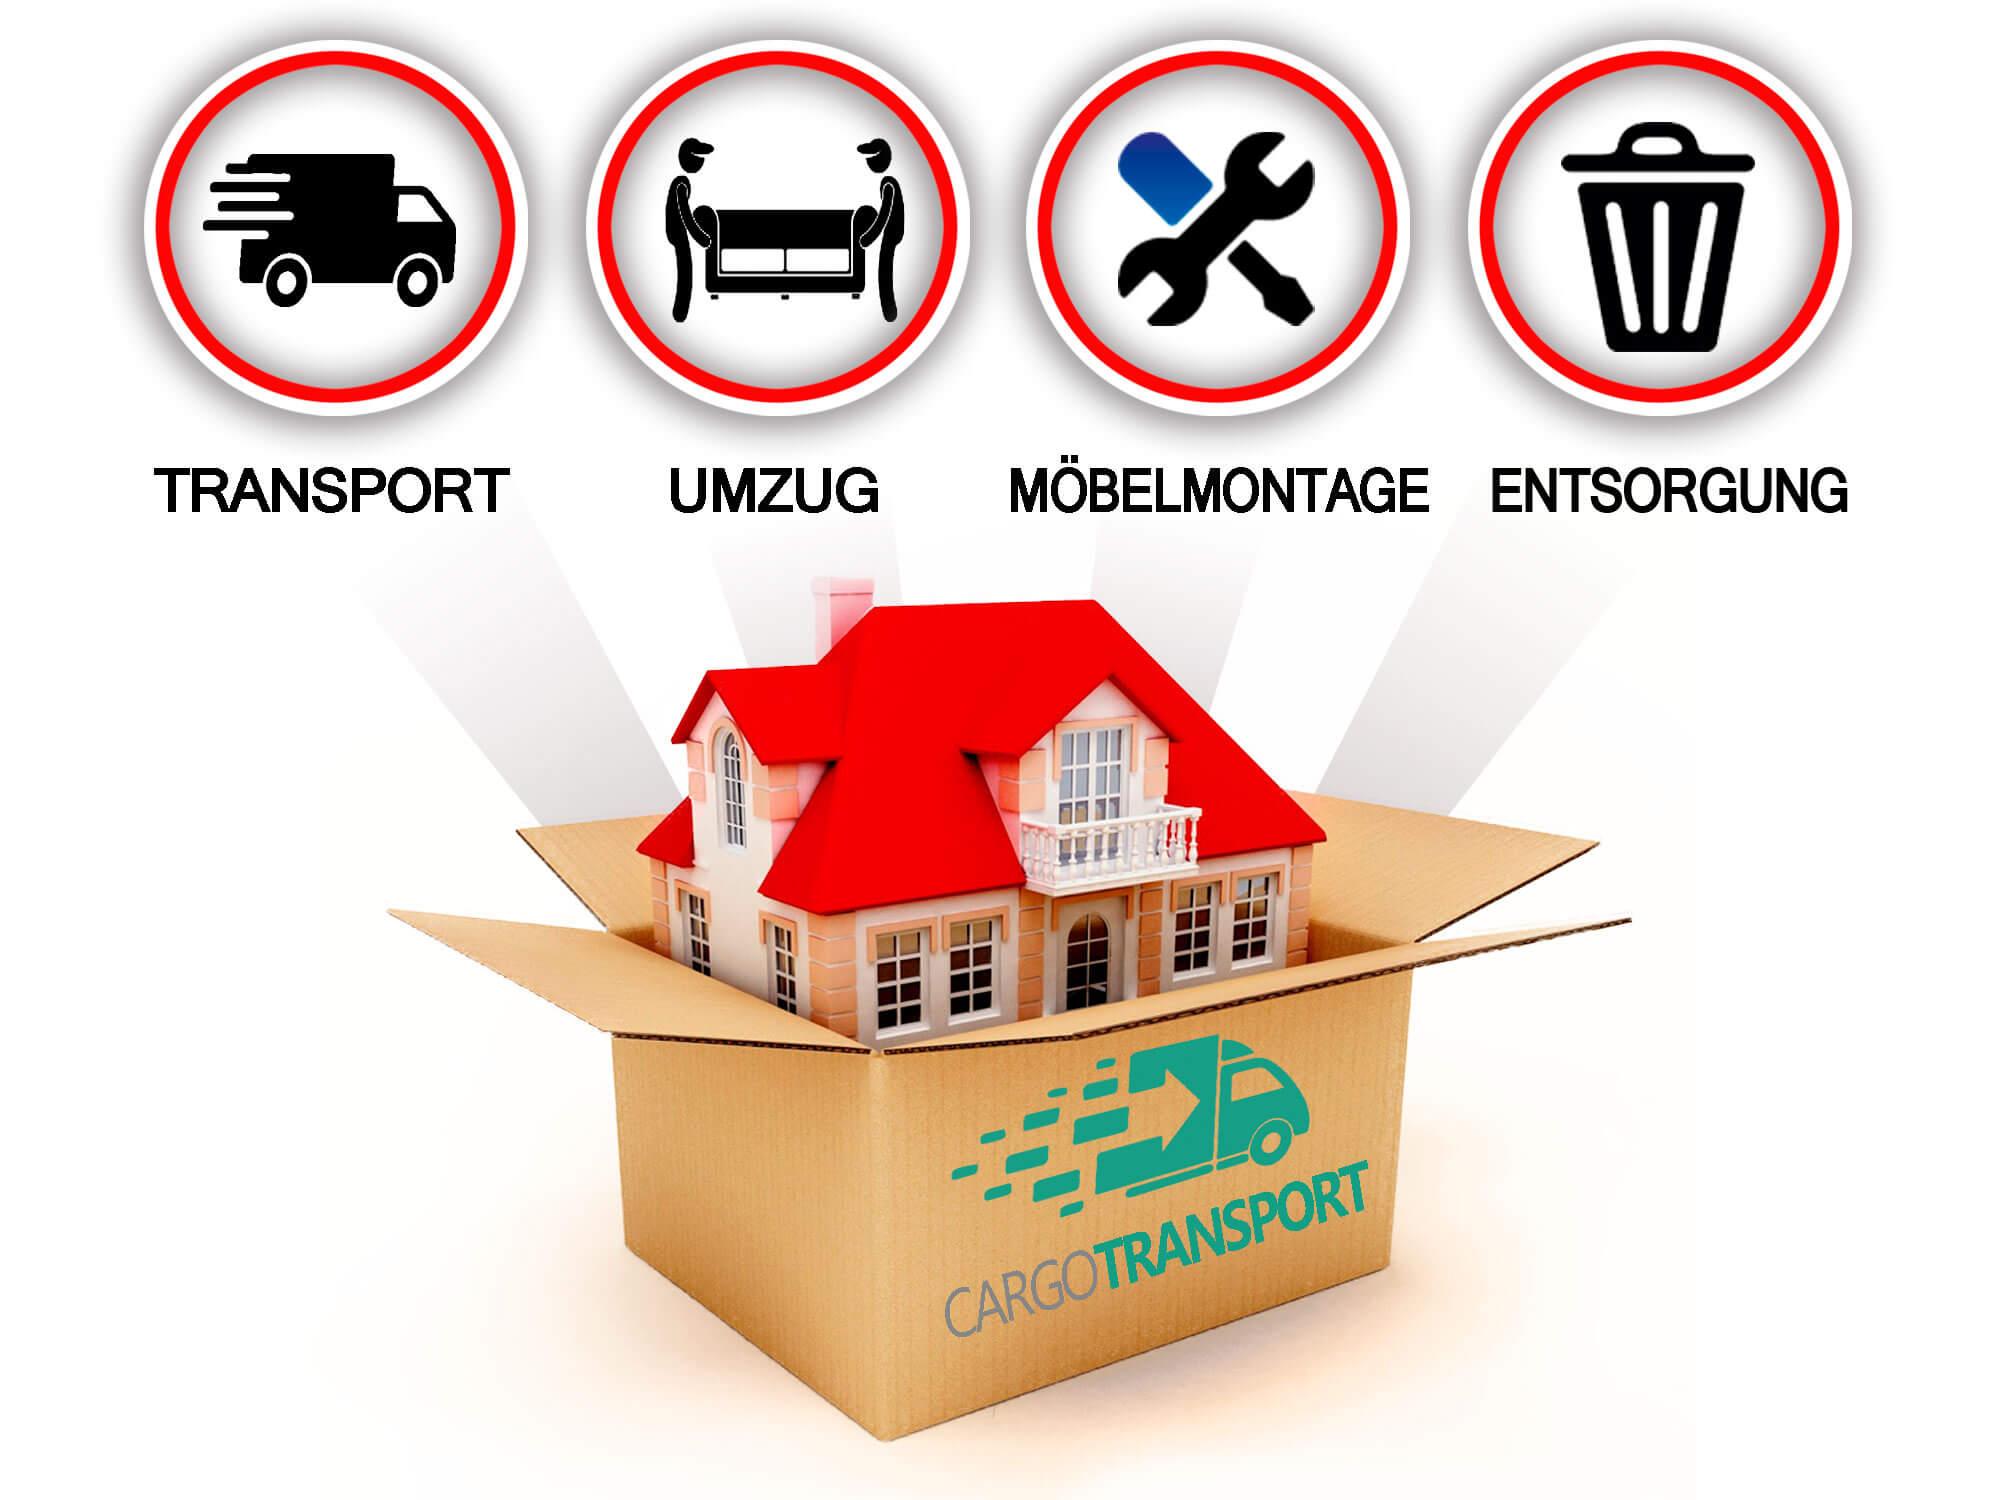 Mobeltransport Wien Umzug Wien Umzugsfirma Cargotransport At